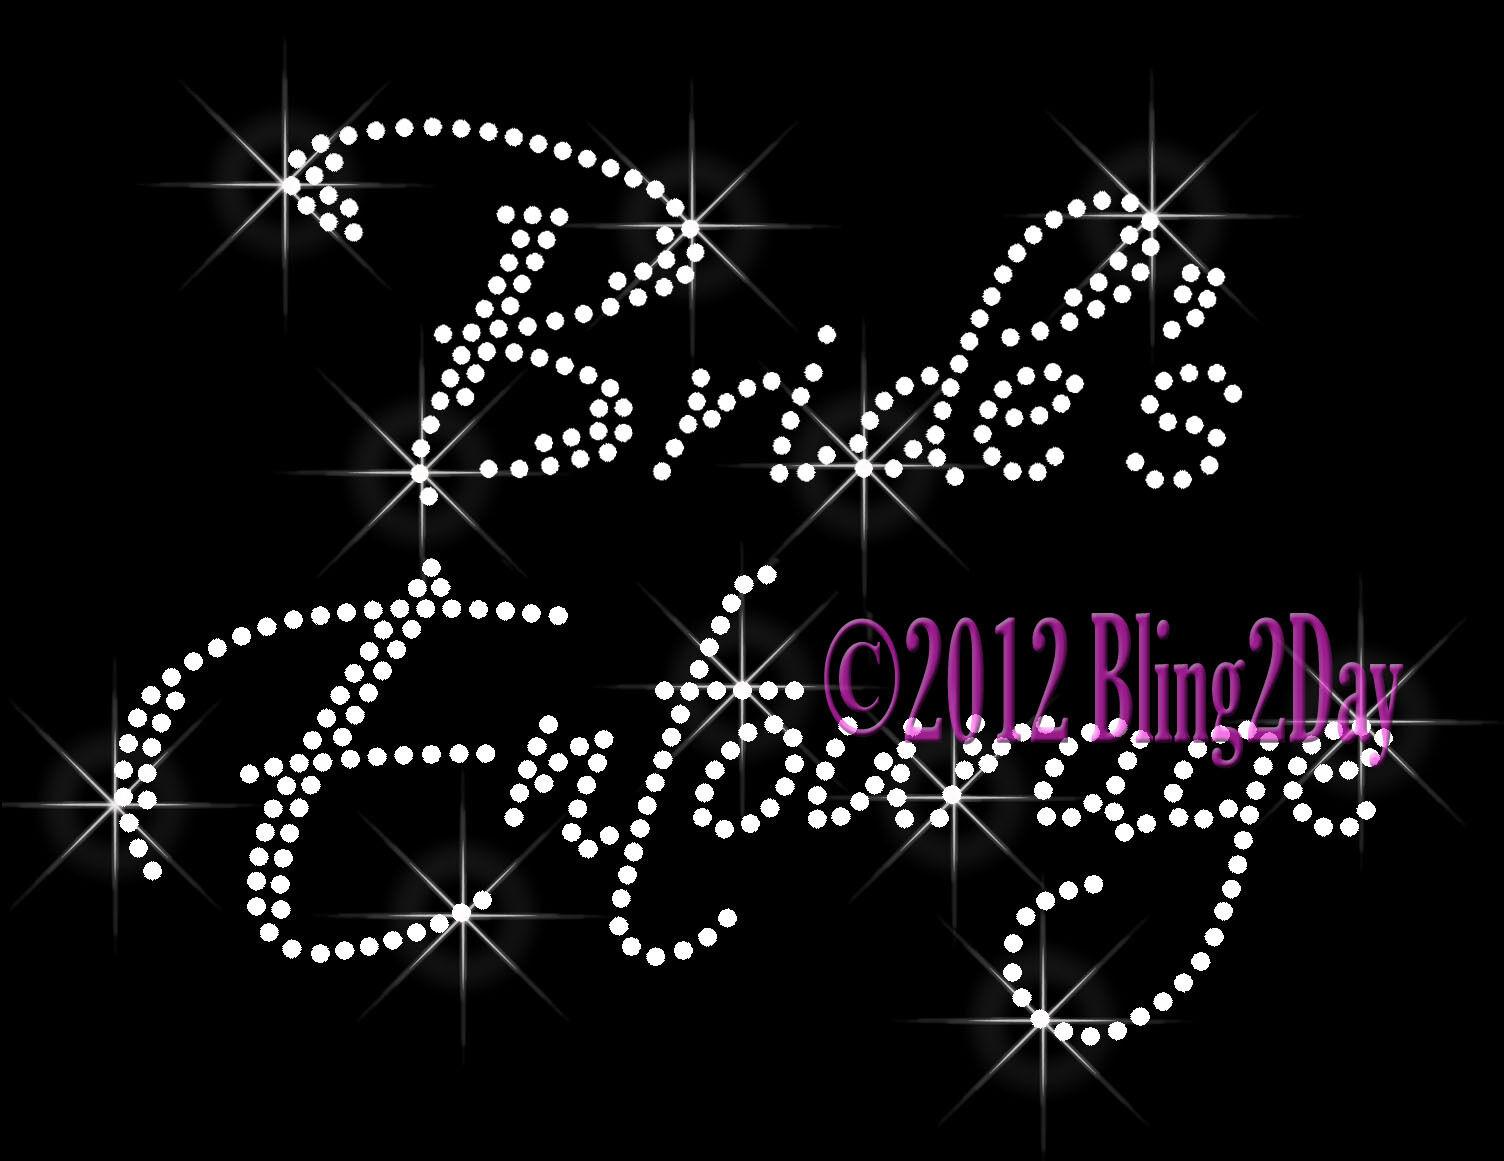 Bride's Entourage Iron On Rhinestone Transfer for Shirts Hot Fix Bling Bridal